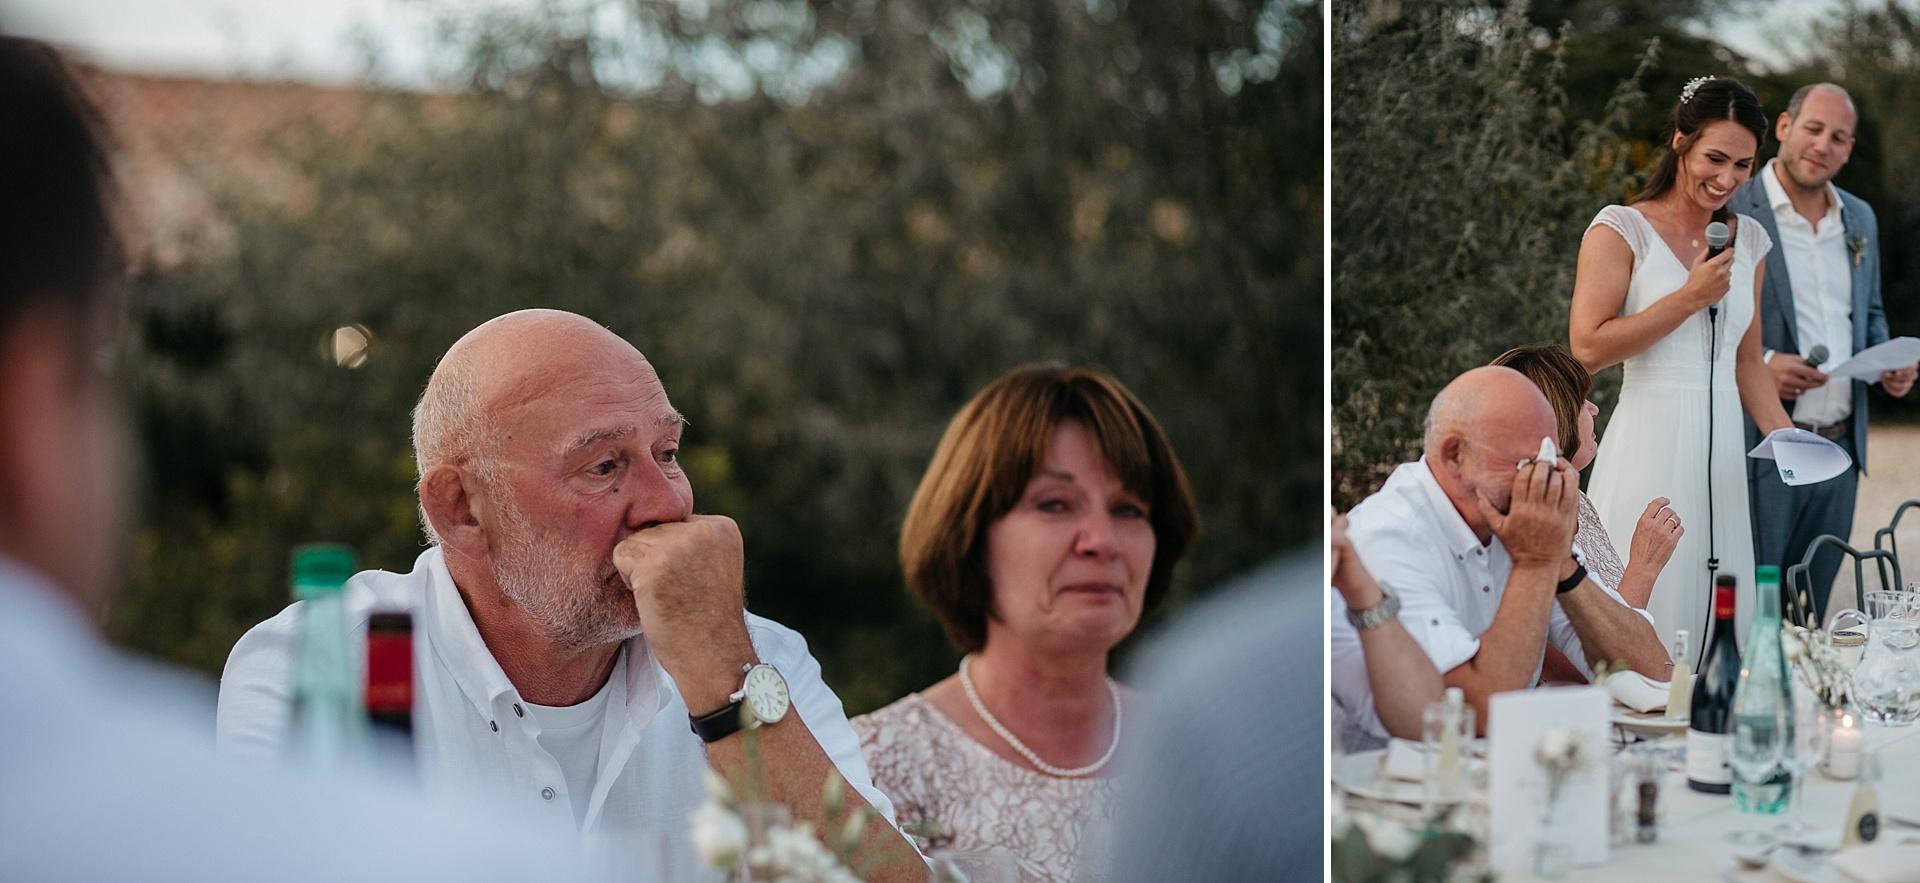 Traumhafte Hochzeit in der Provence. Die emotionale Rede des Brautpaares. Der Brautvater ist sichtlich gerührt.